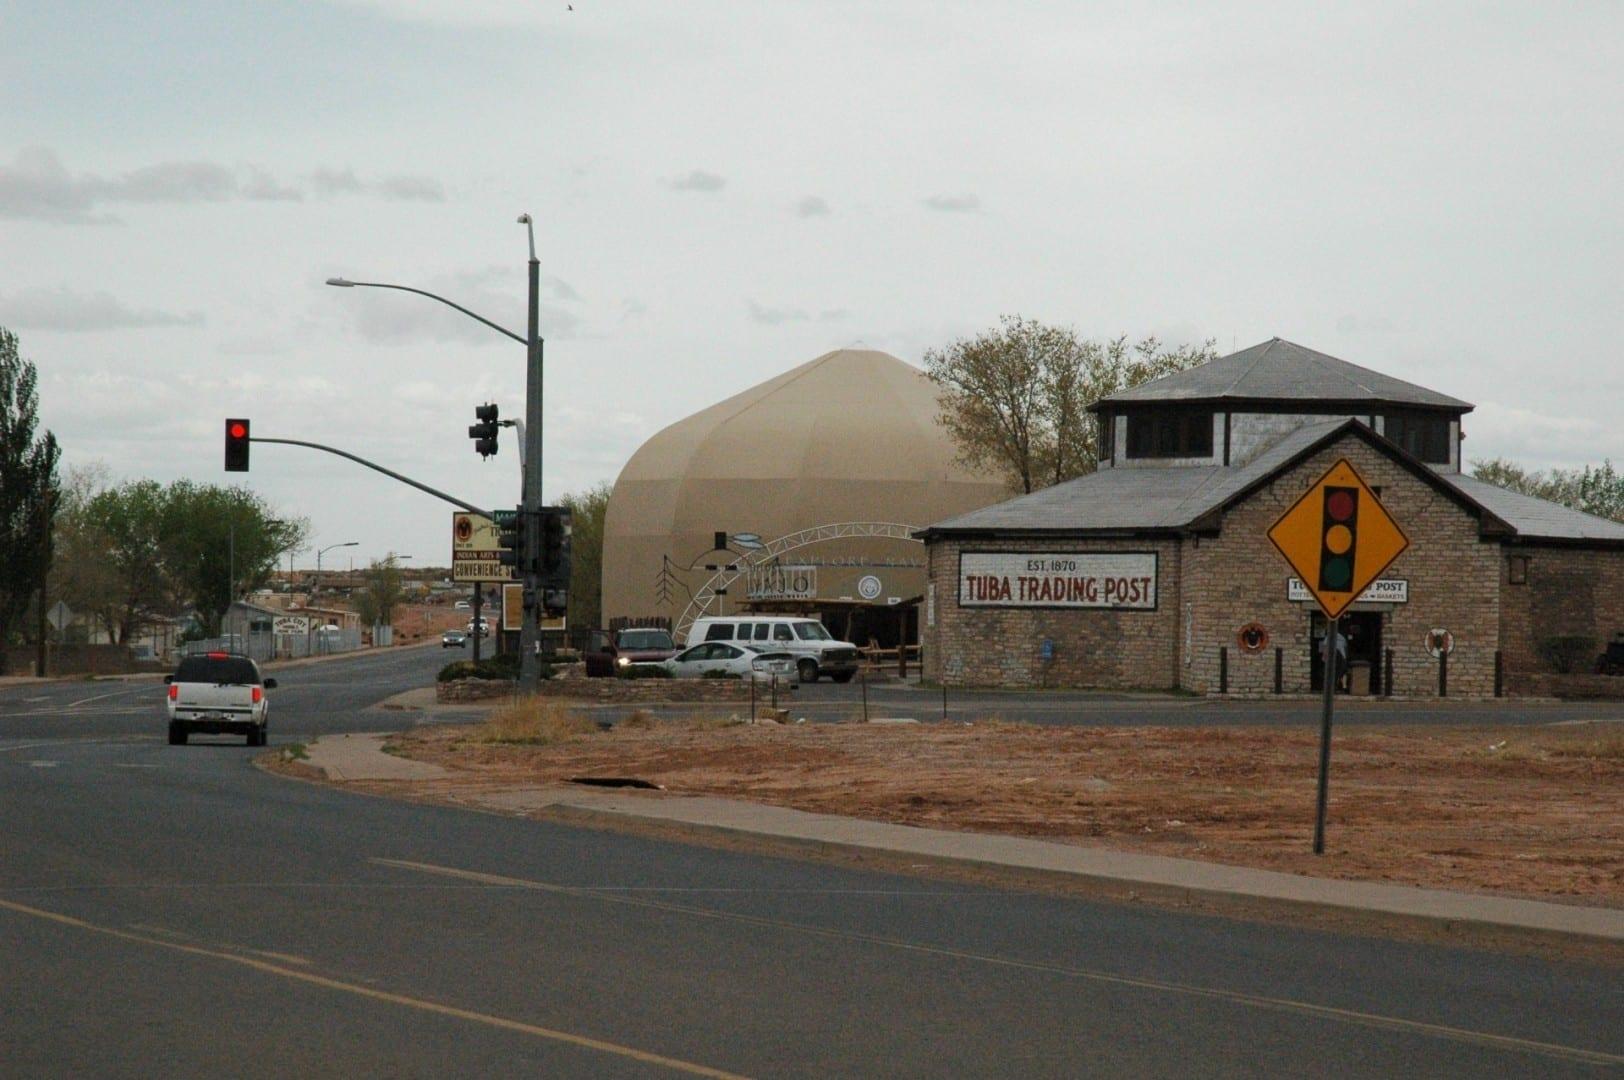 El centro de Tuba, con el puesto comercial de Tuba y el museo Explore Navajo Tuba City AZ Estados Unidos